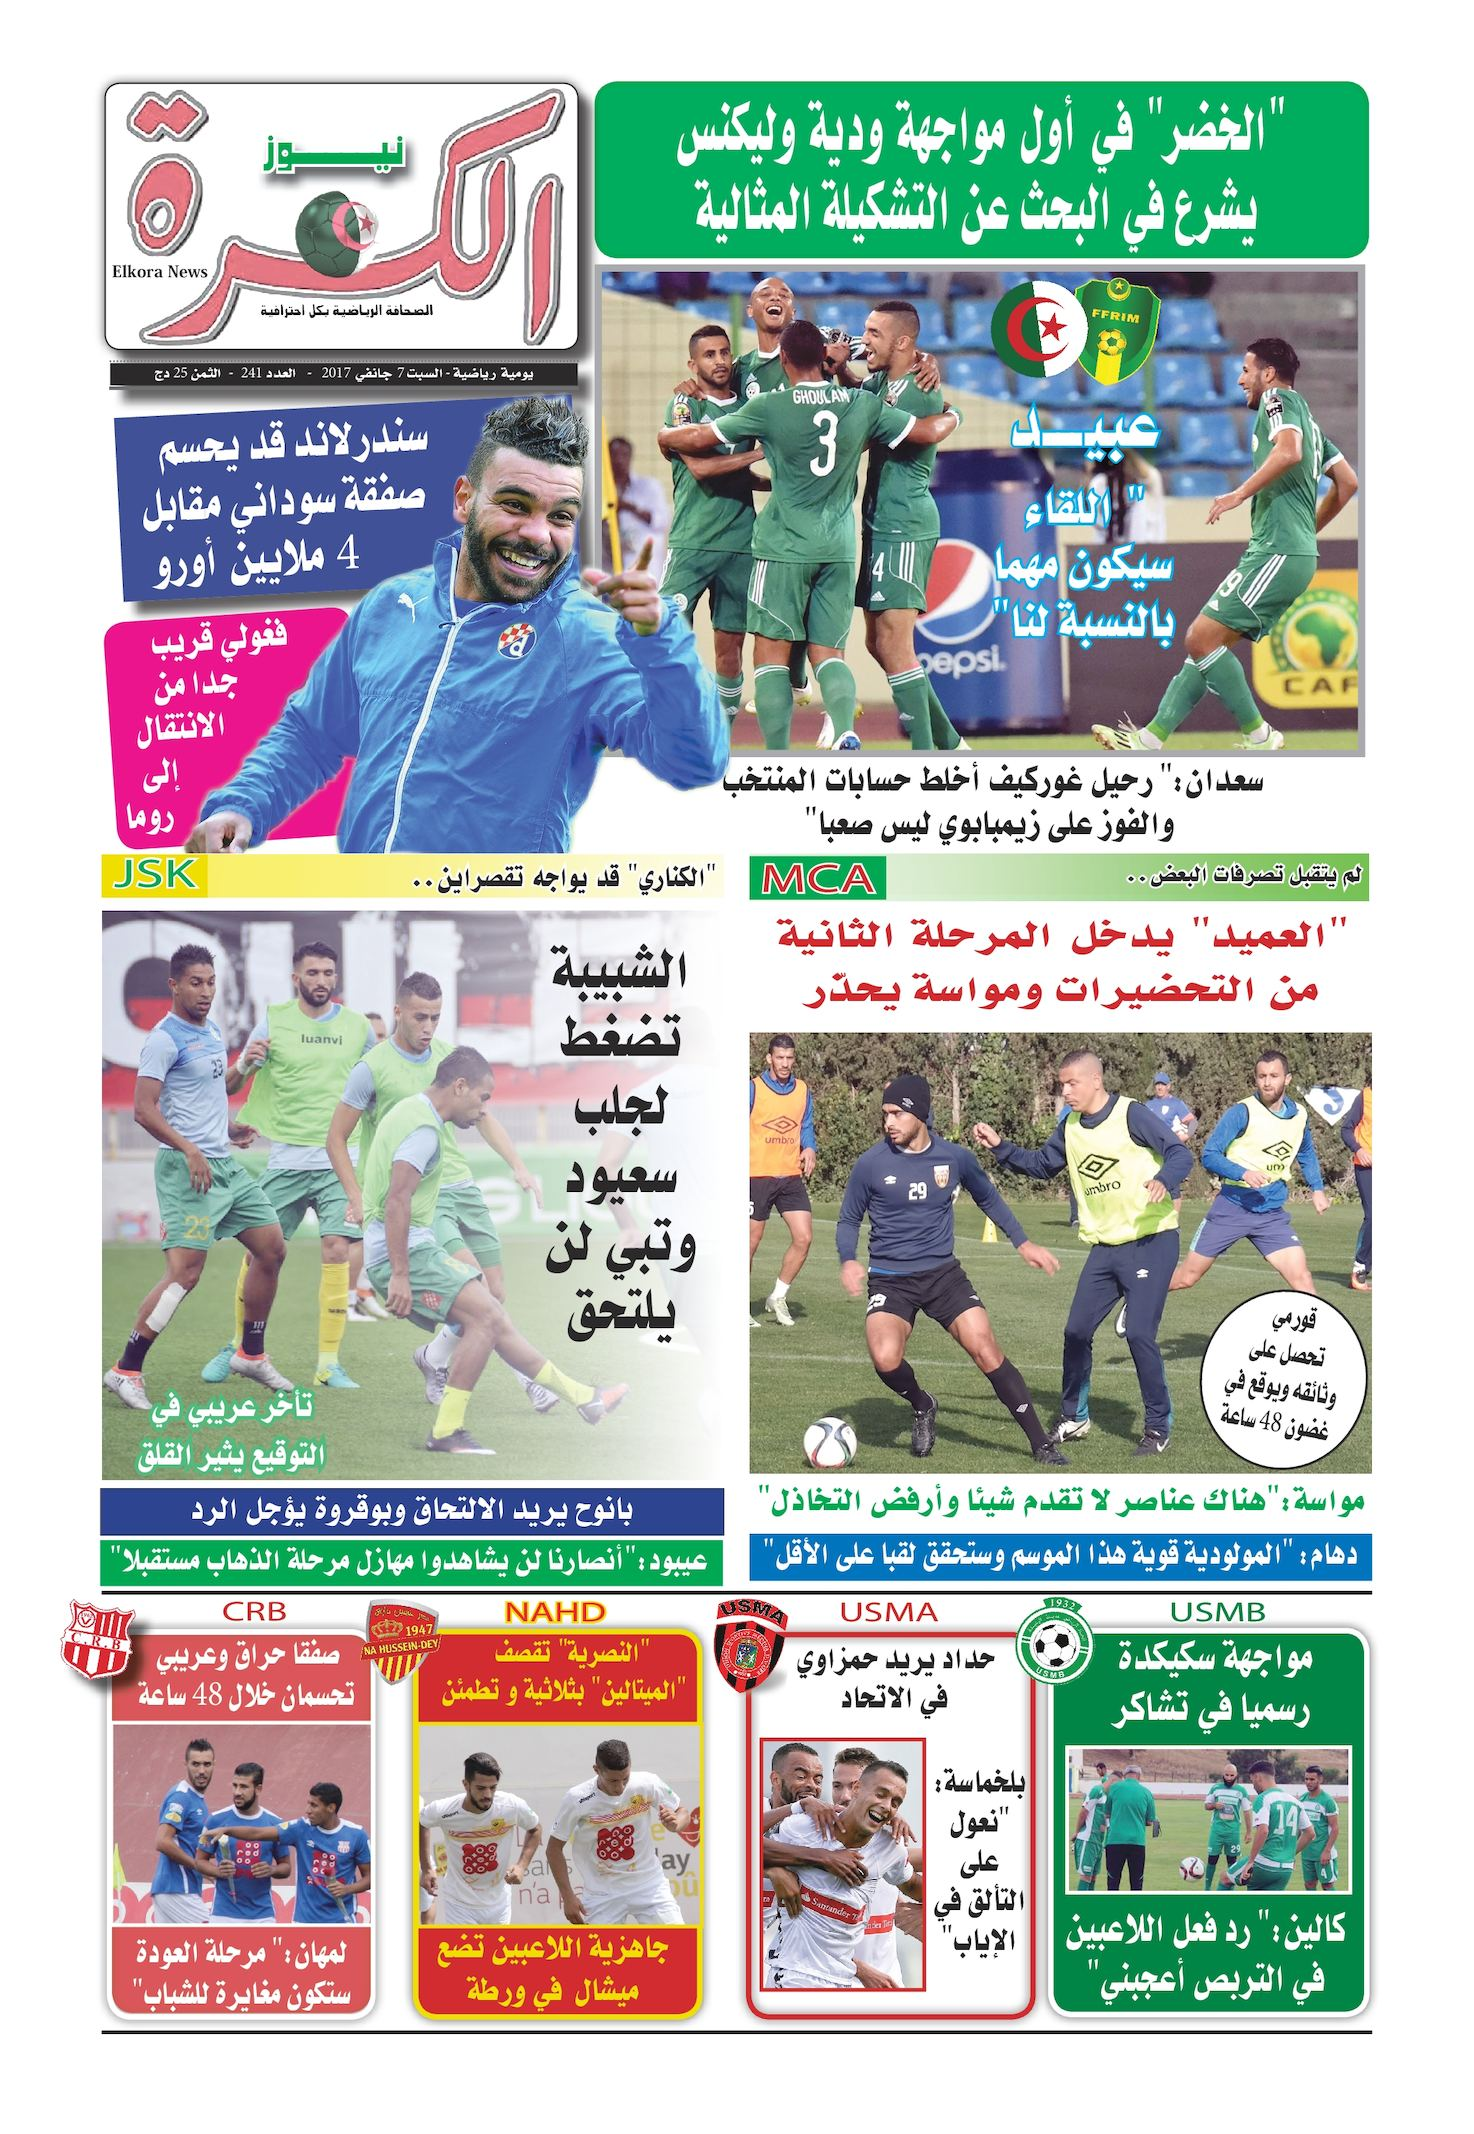 el kora news le 07-01-2017